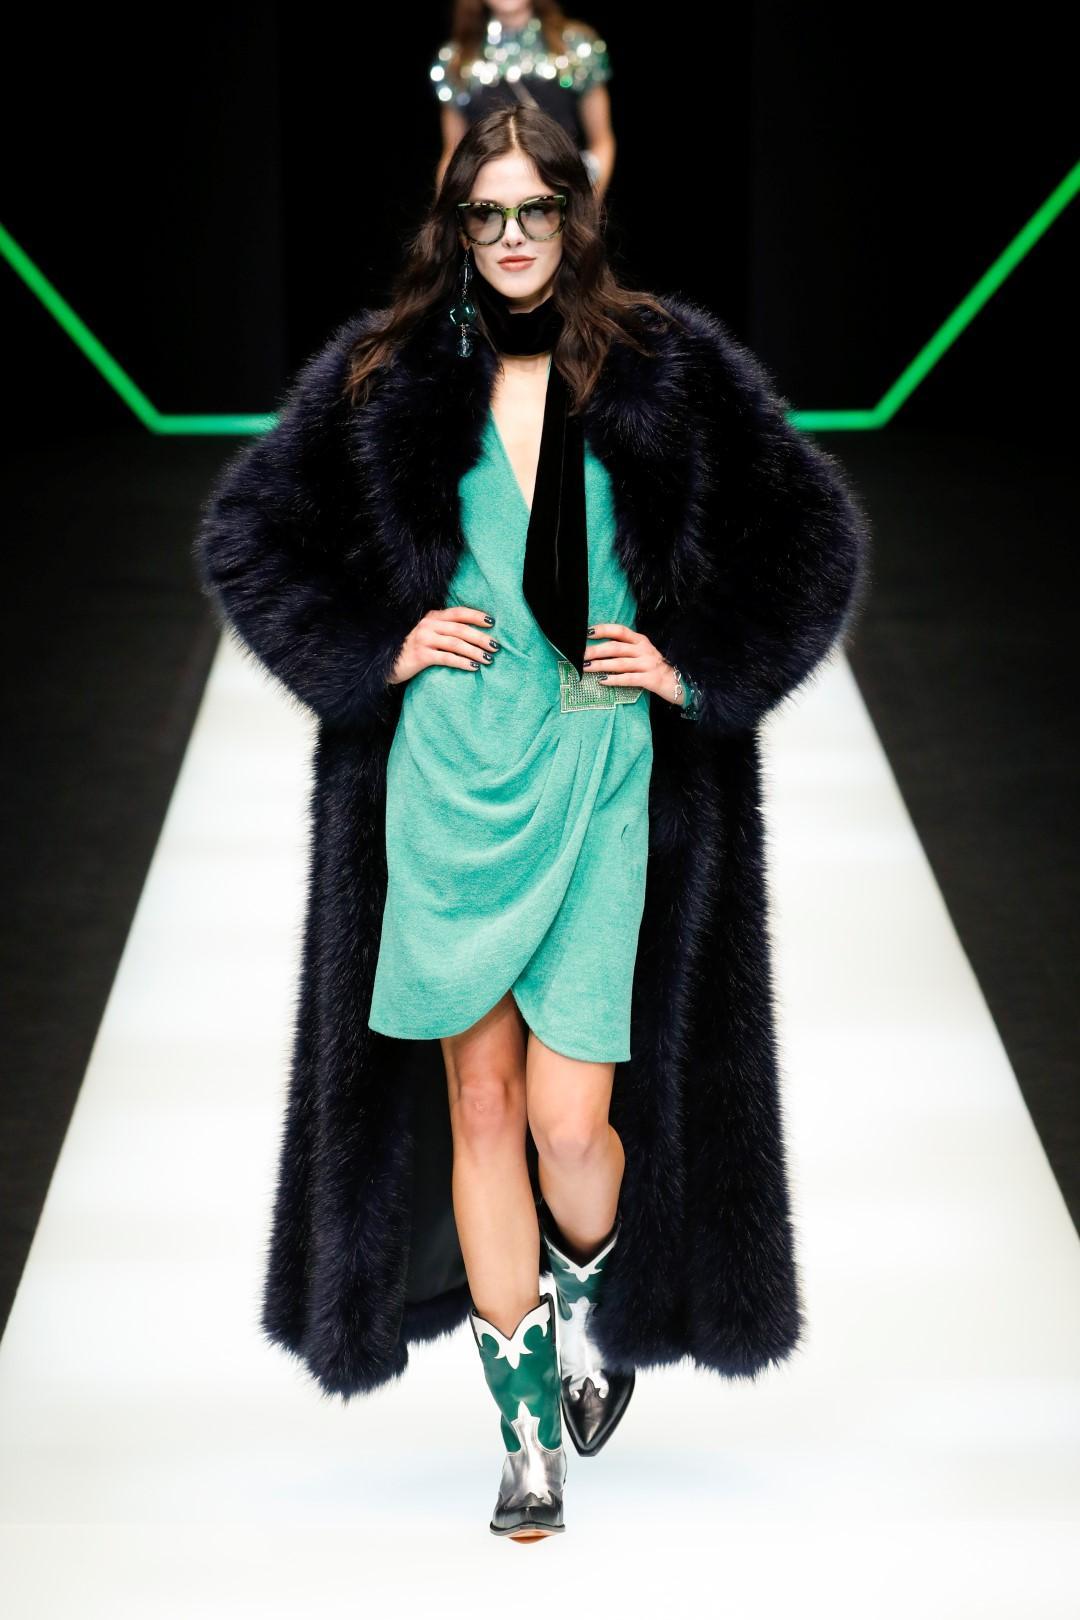 Cara pelliccia: calda, colorata, trendy e sempre più etica